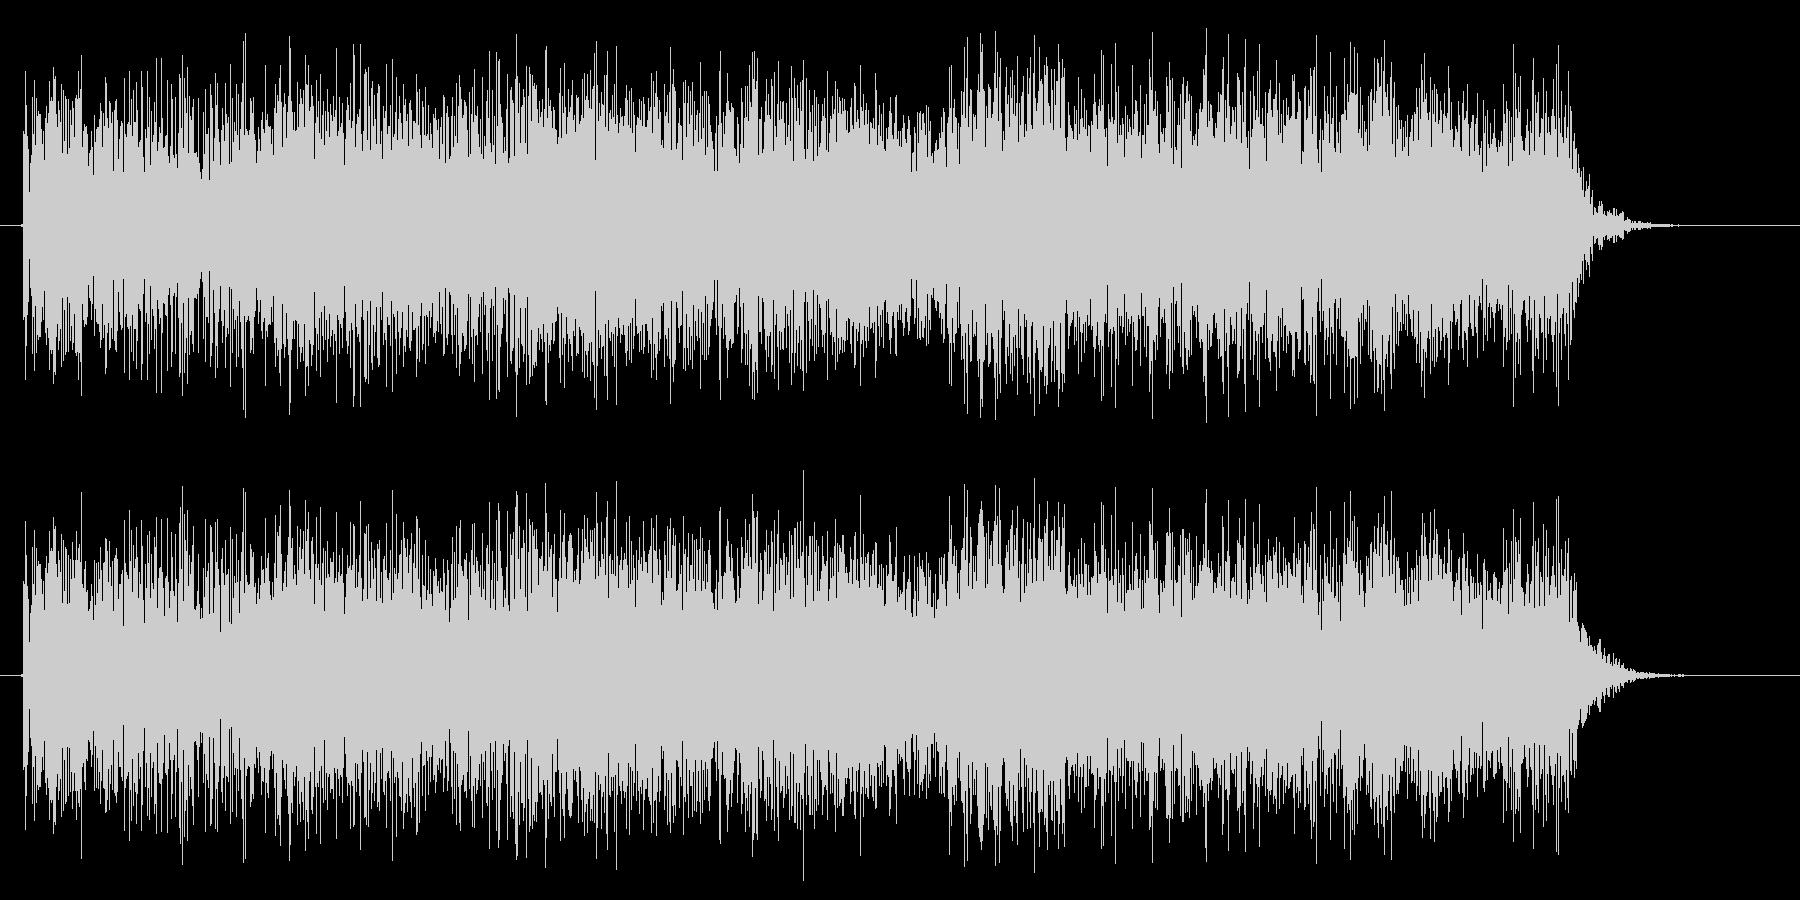 ヘヴィーメタル クールなキメのフレーズの未再生の波形